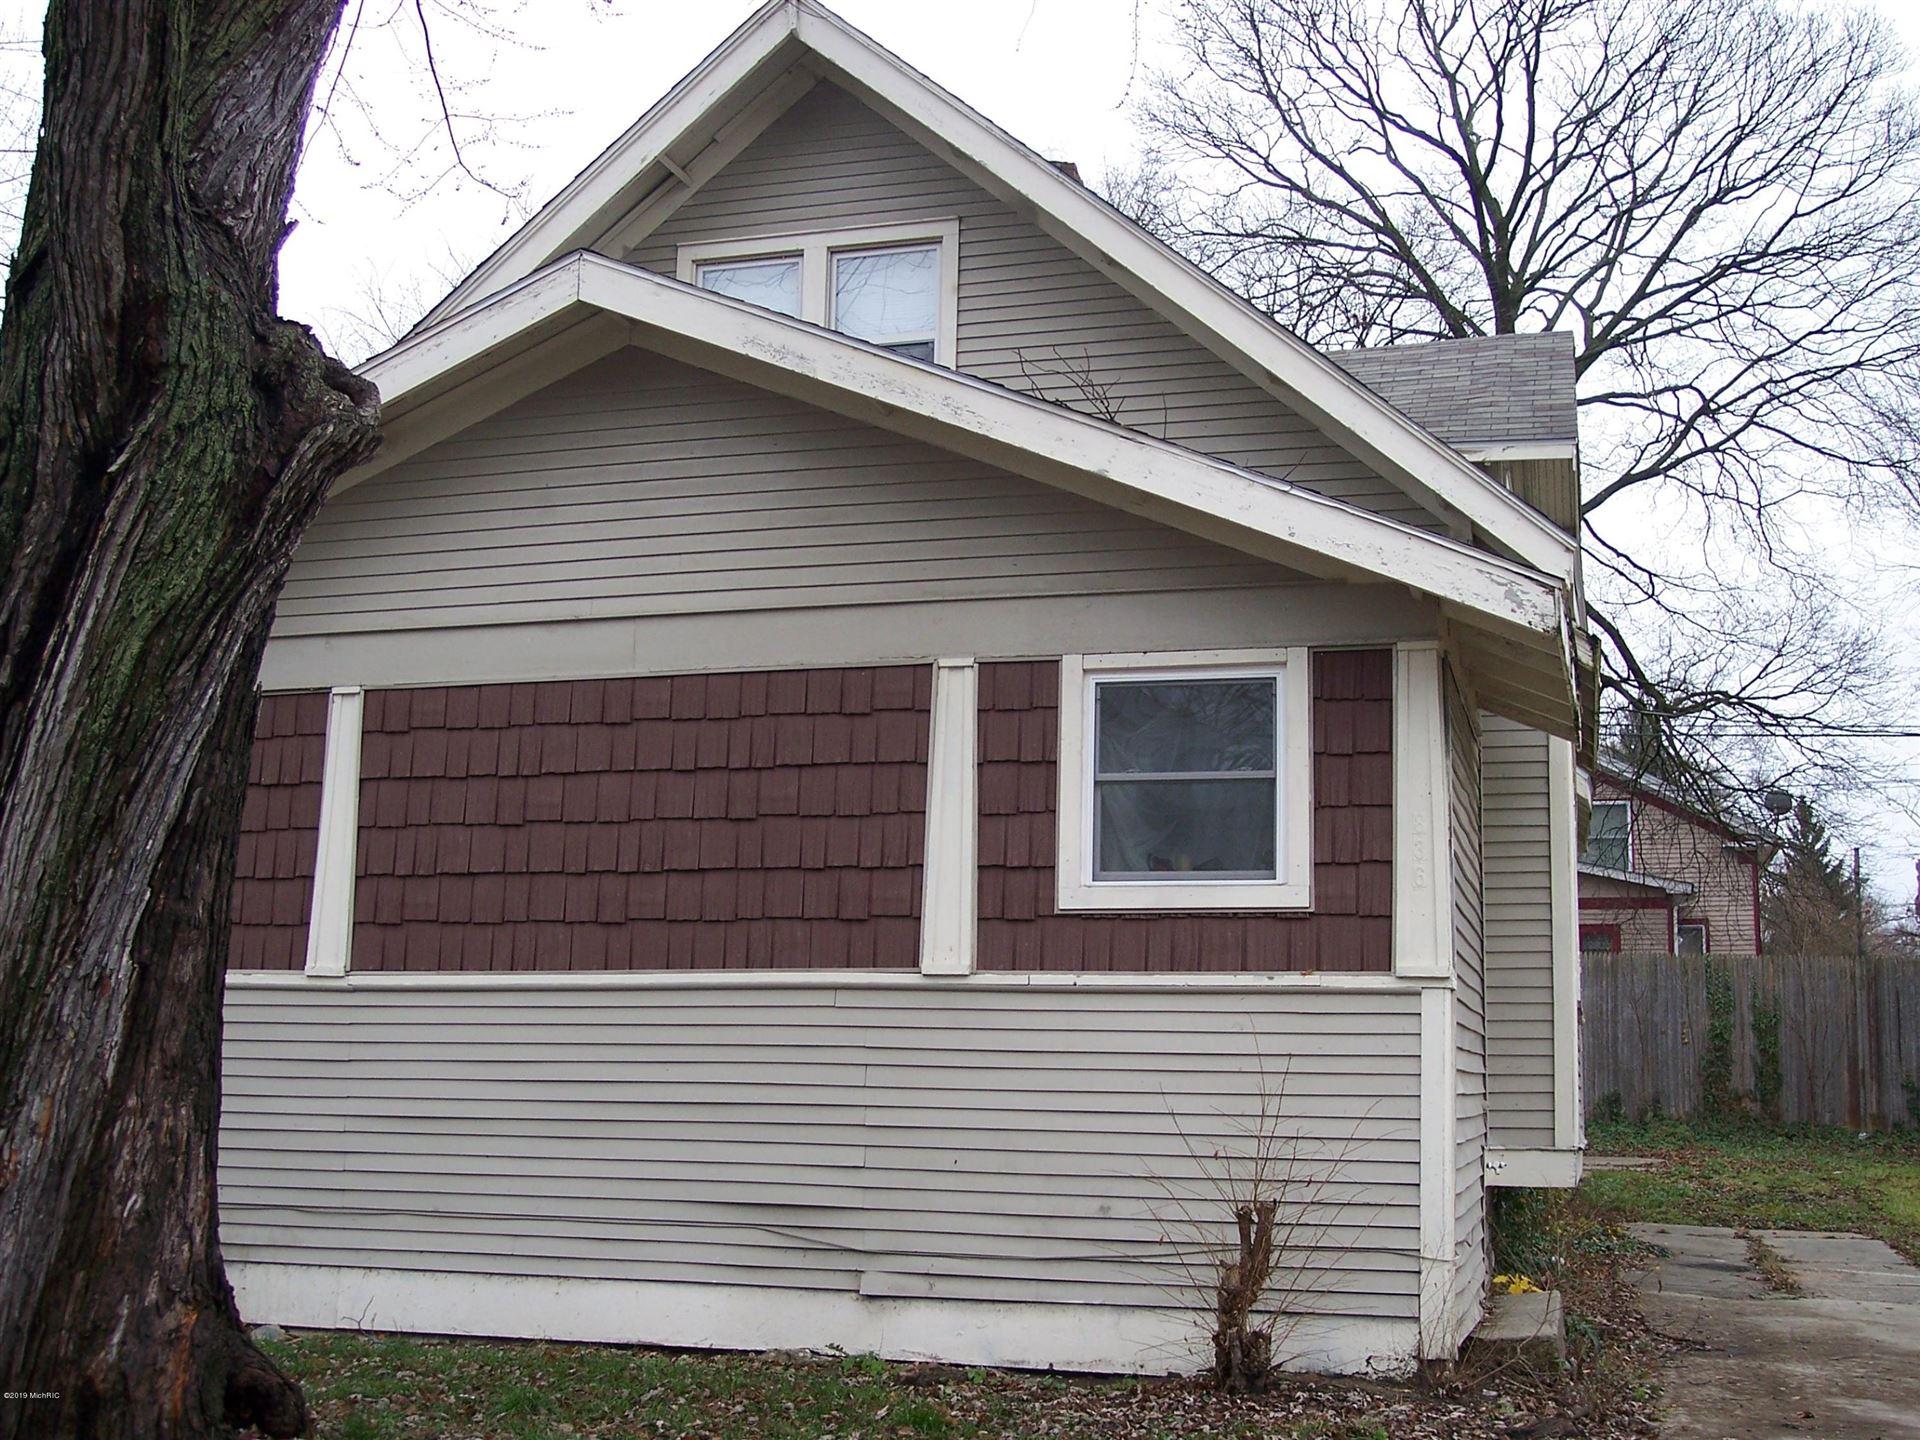 836 Hays Park Avenue, Kalamazoo, MI 49001 - #: 19020148